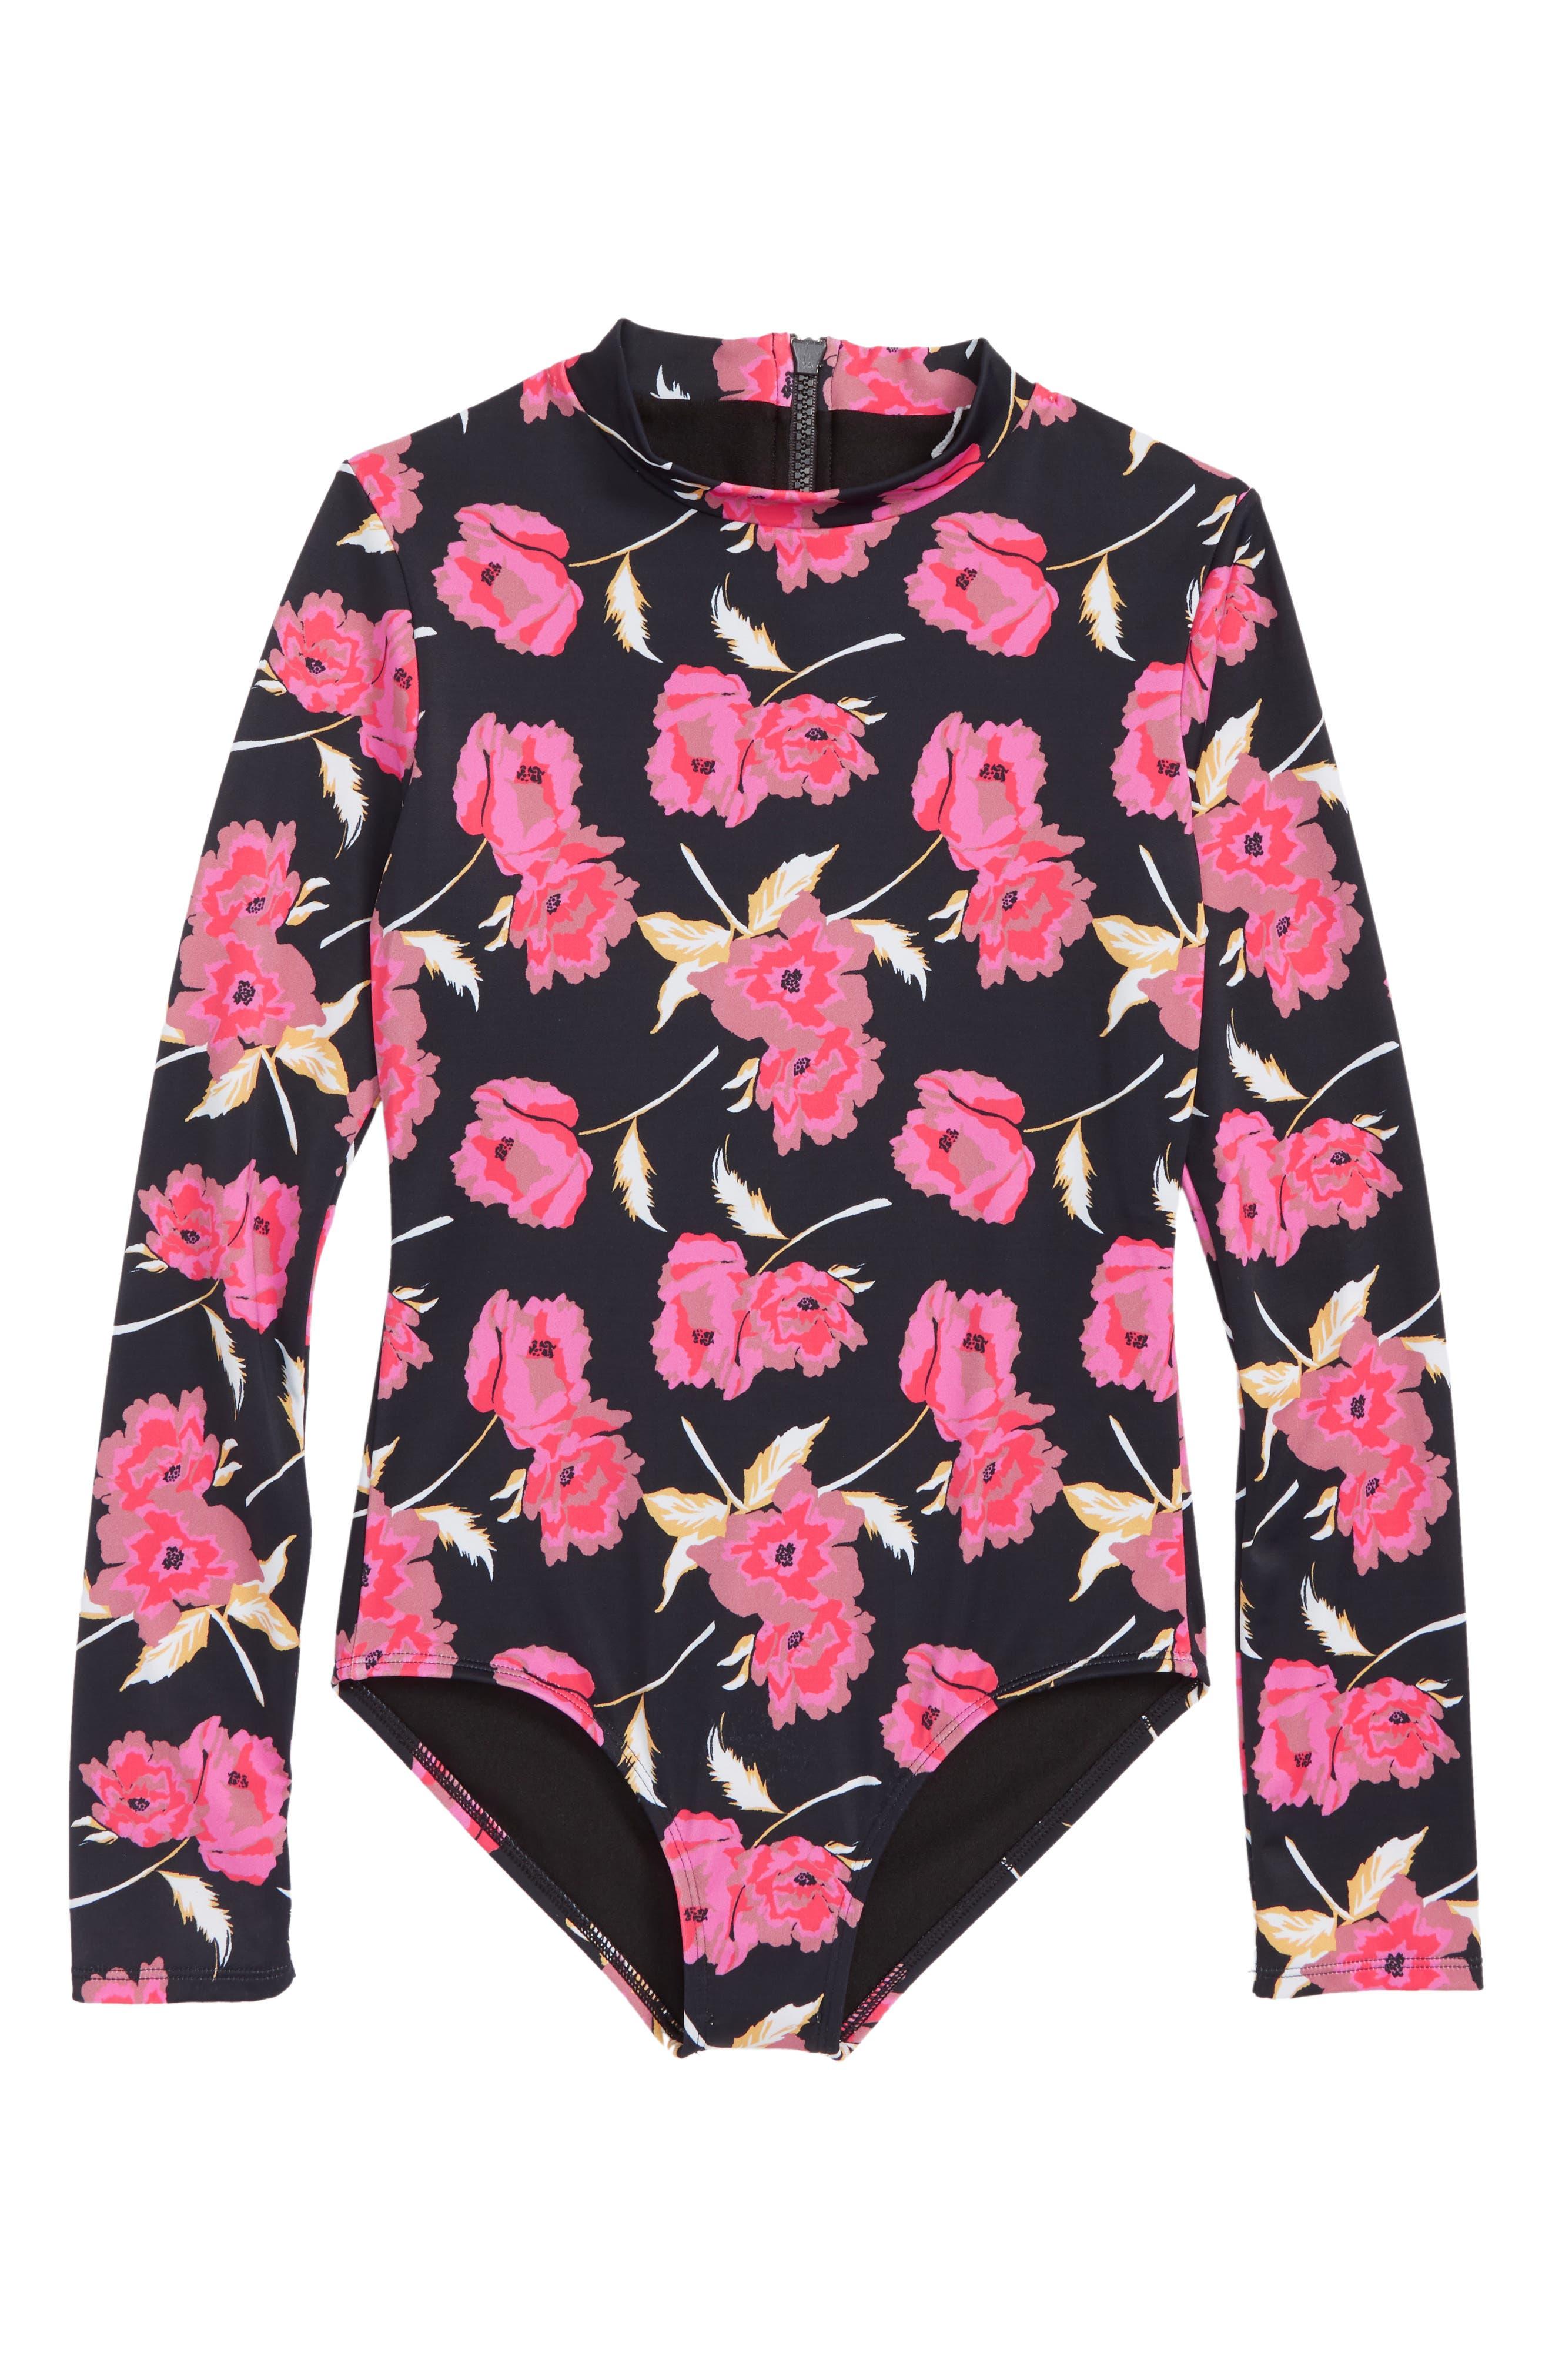 Floral Dawn One-Piece Rashguard Swimsuit,                         Main,                         color, Black Pebble